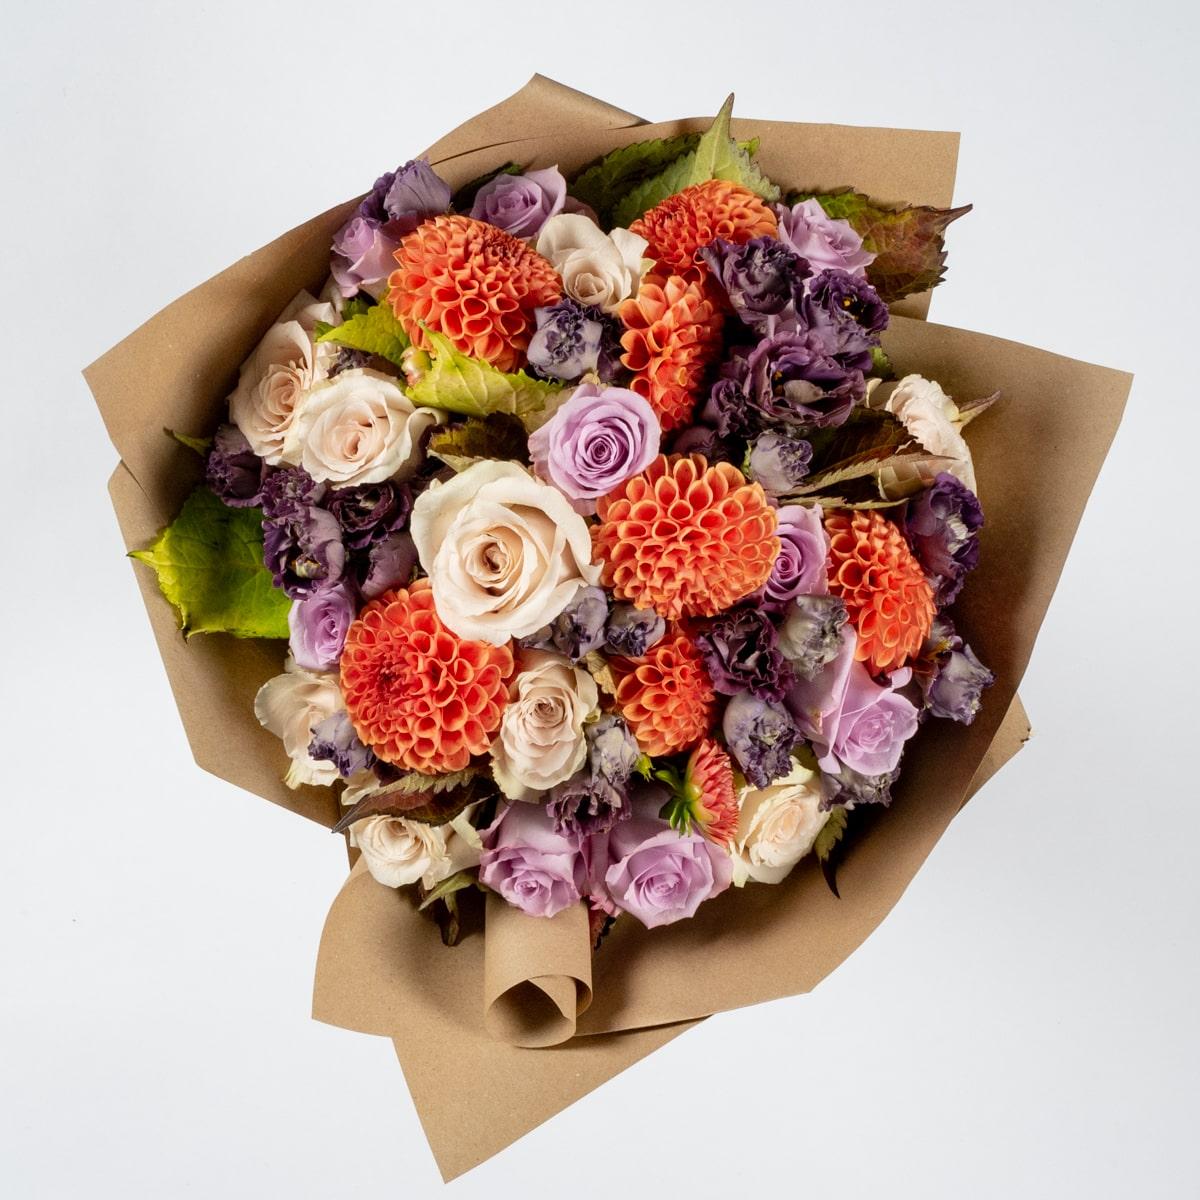 Bloom Flower Delivery | Windsor Bouquet